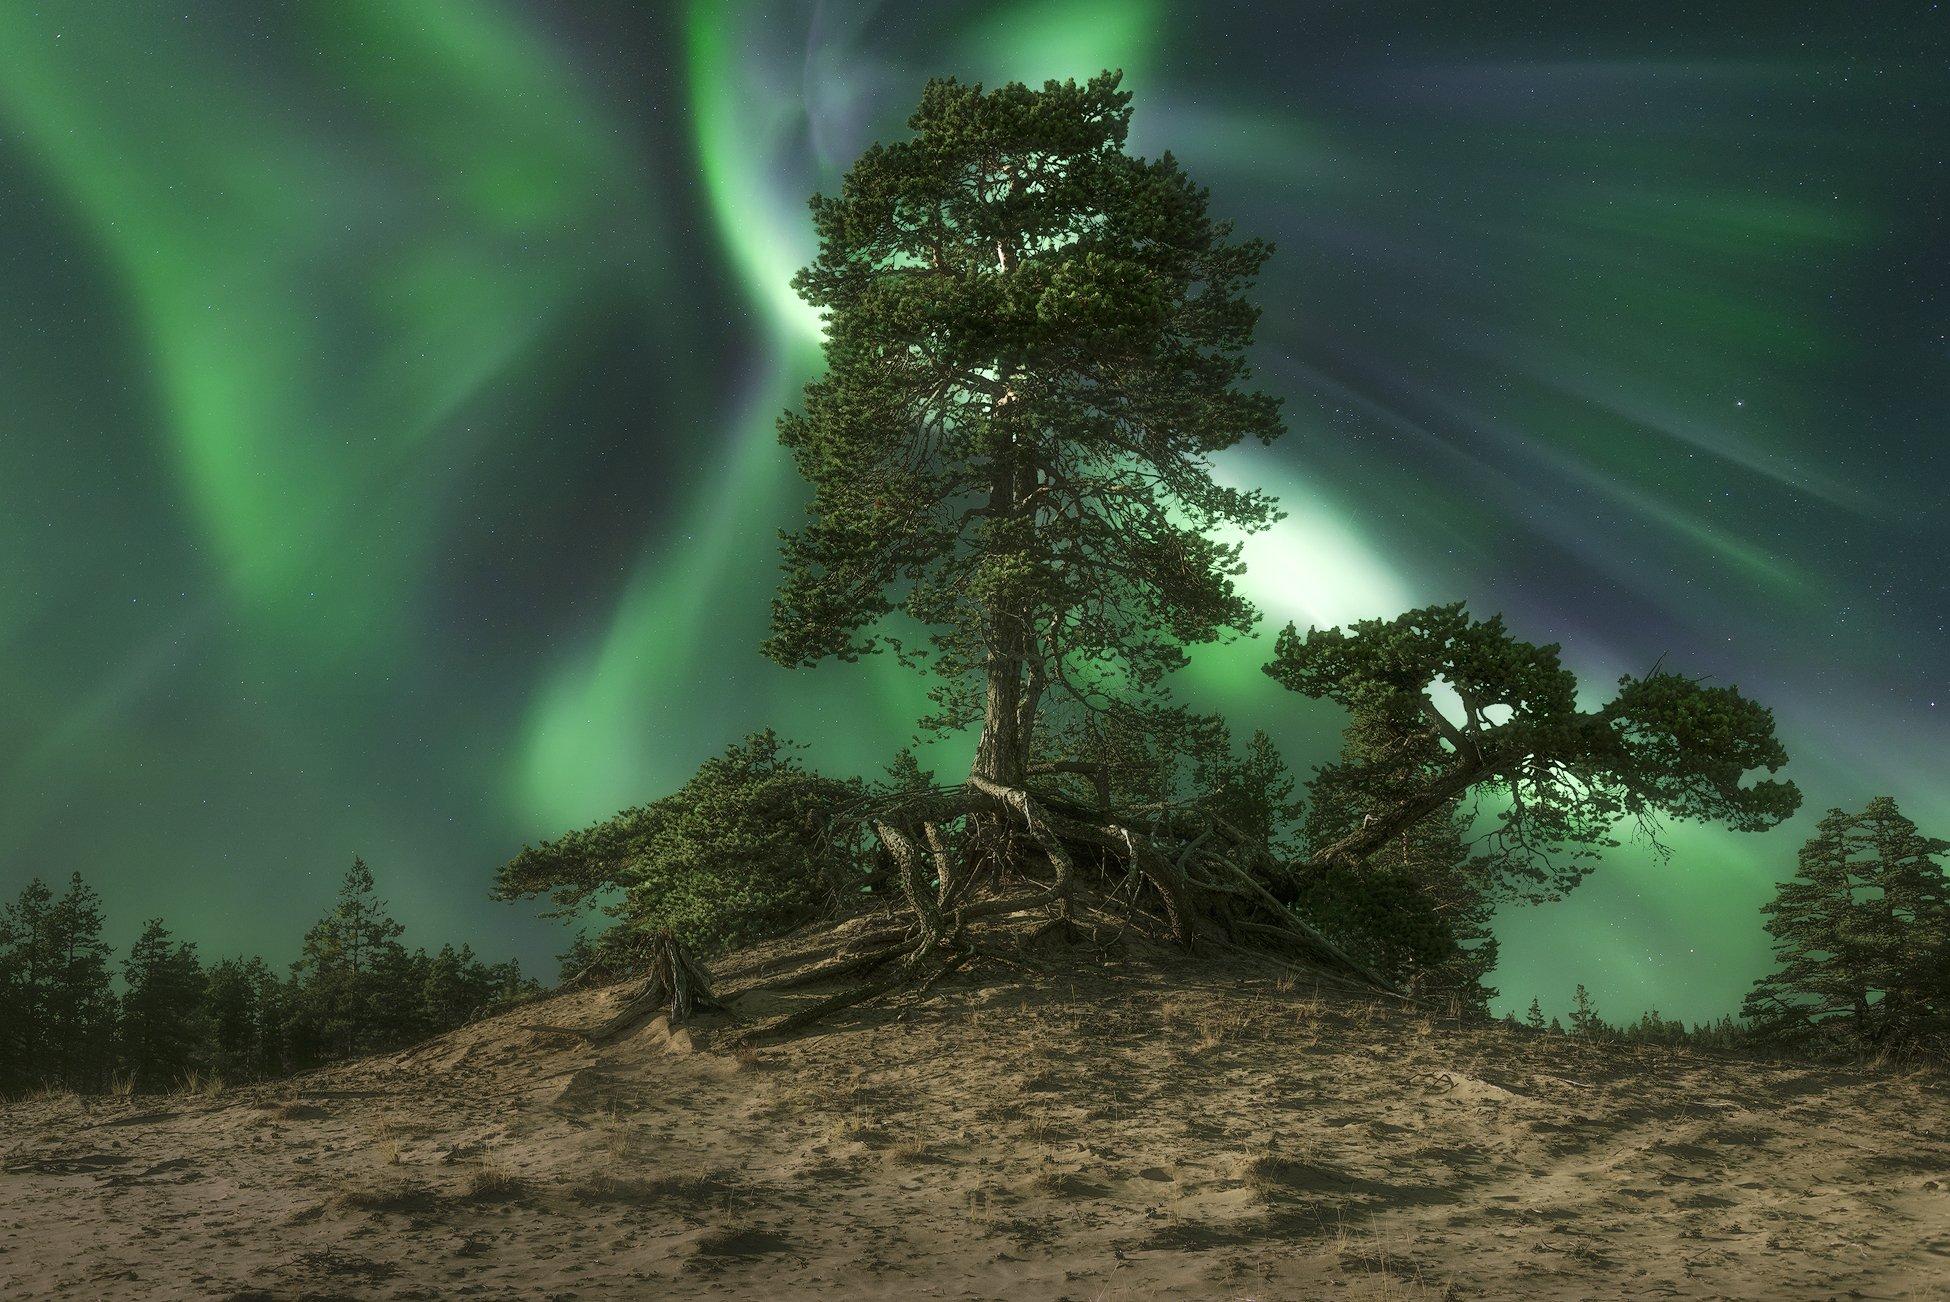 Северное сияние, Кольский полуостров, aurora Borealis, Анастасия Малых